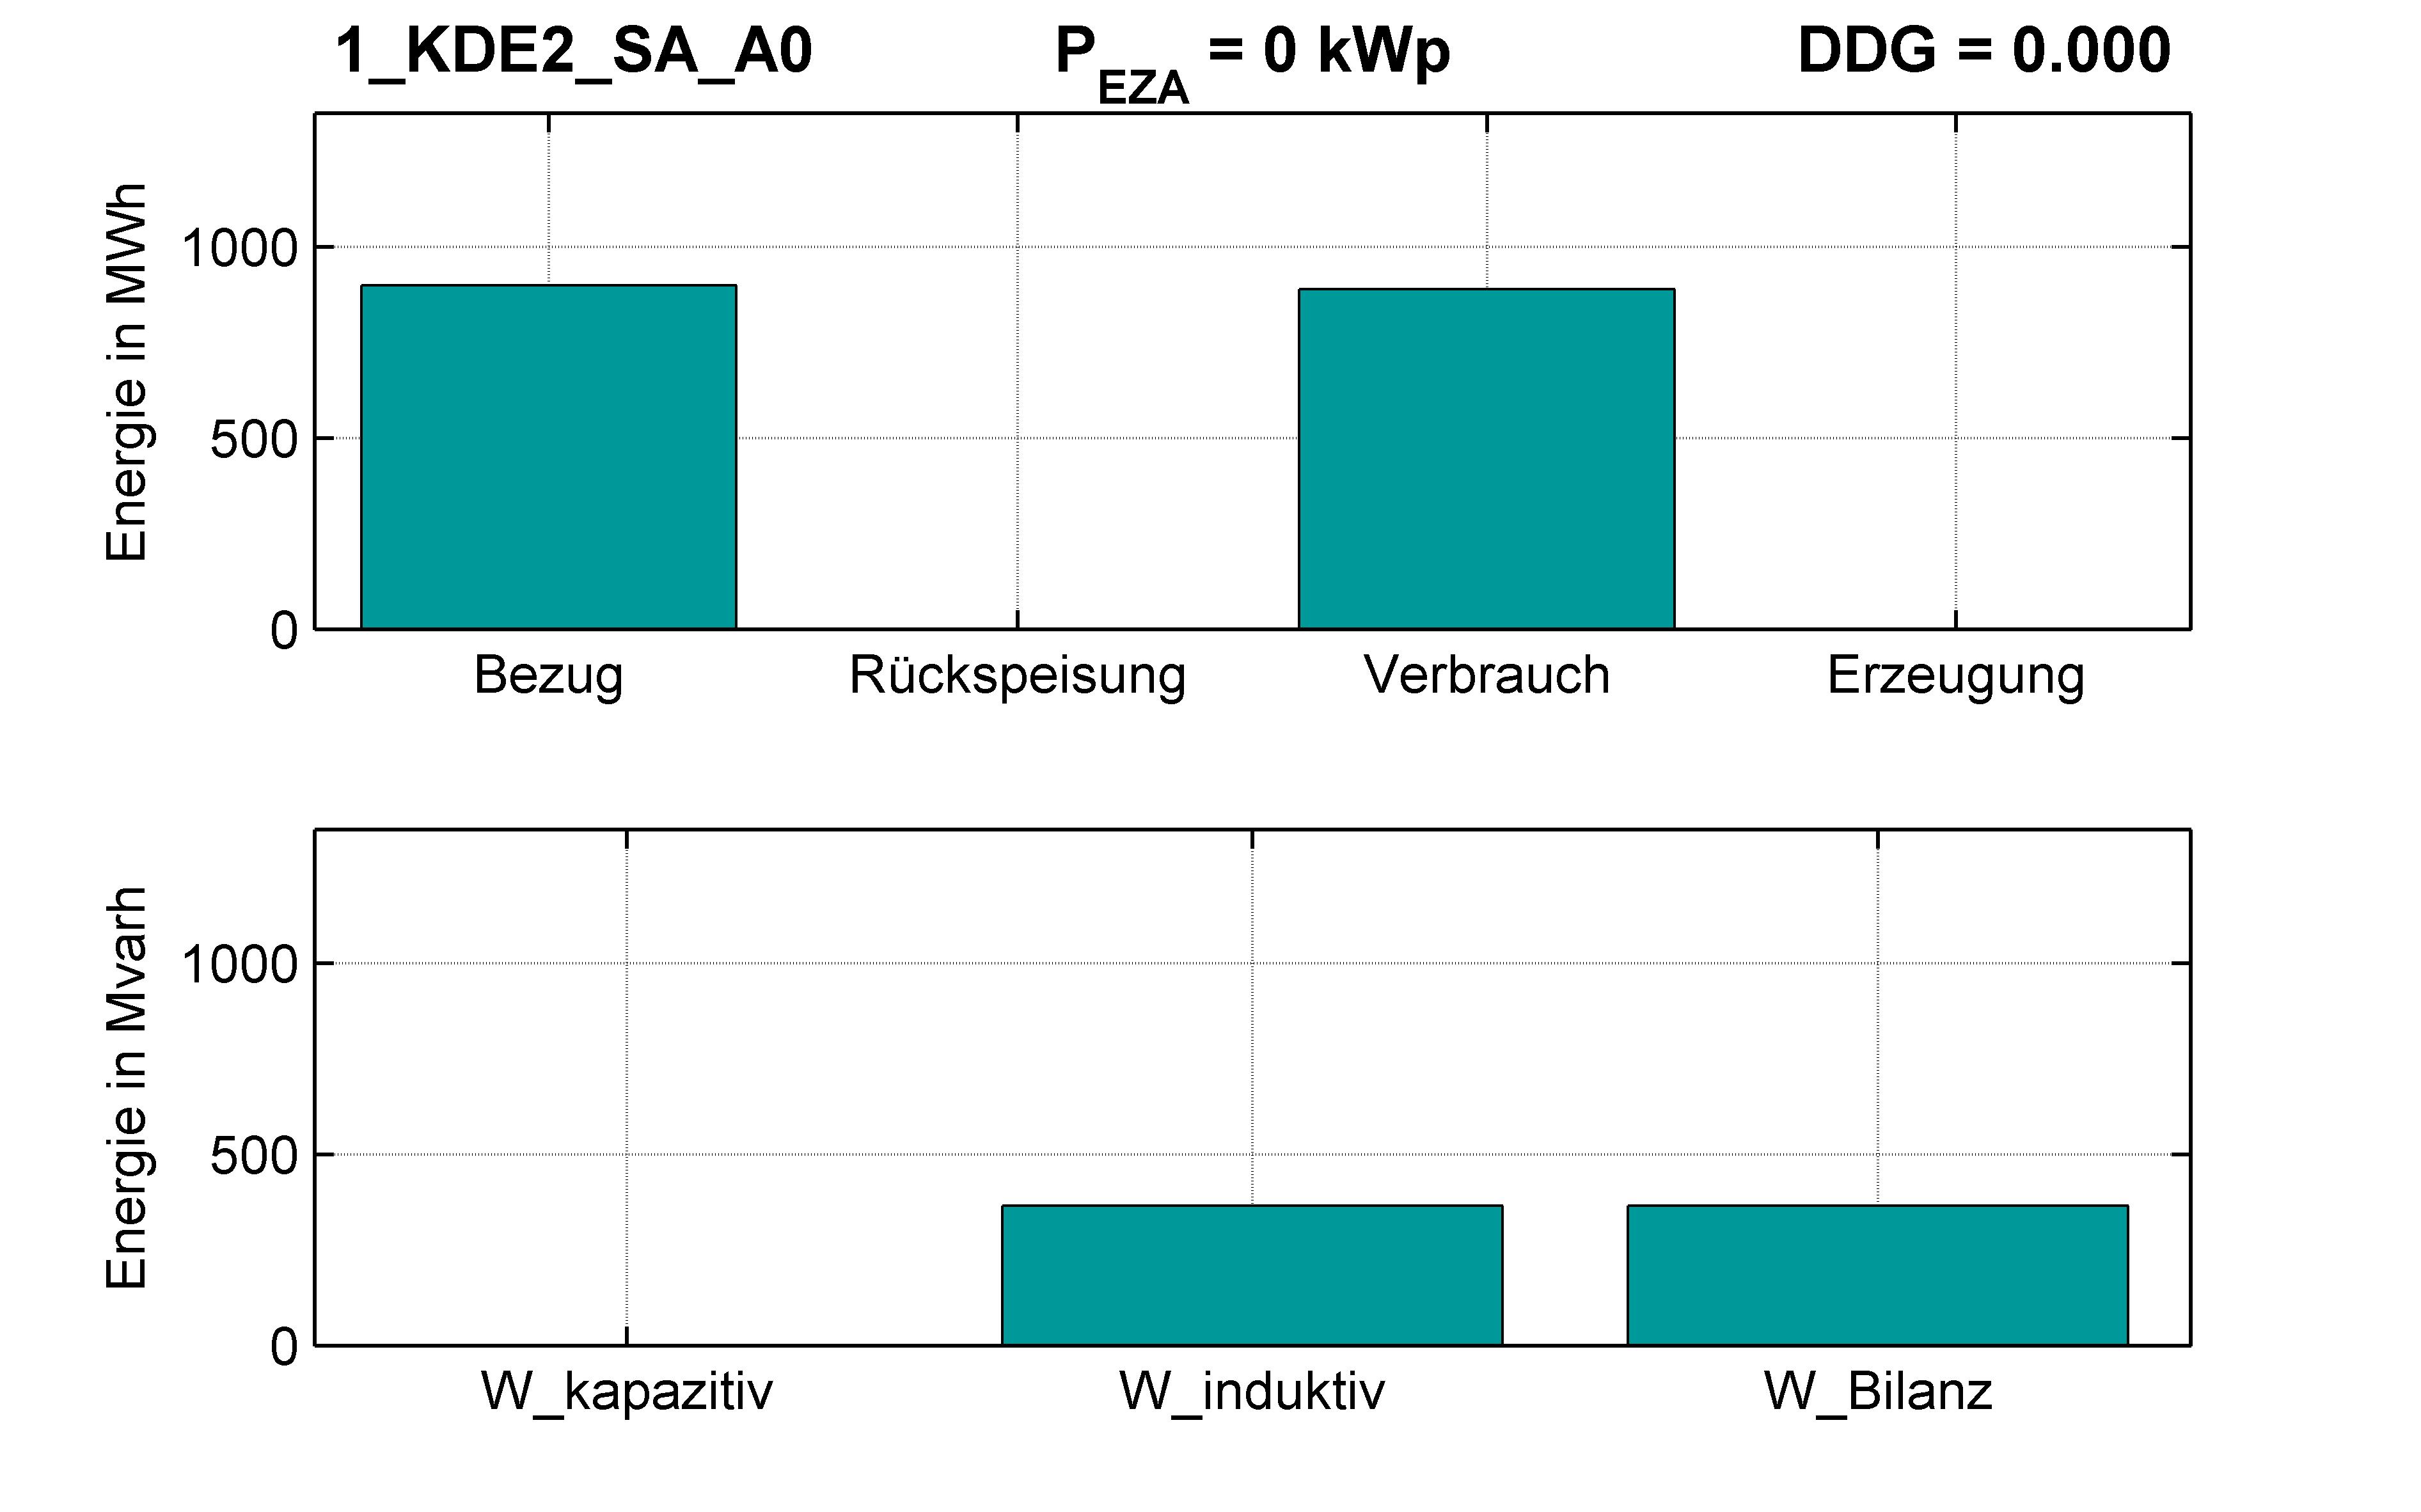 KDE2 | KABEL (SA) A0 | PQ-Bilanz